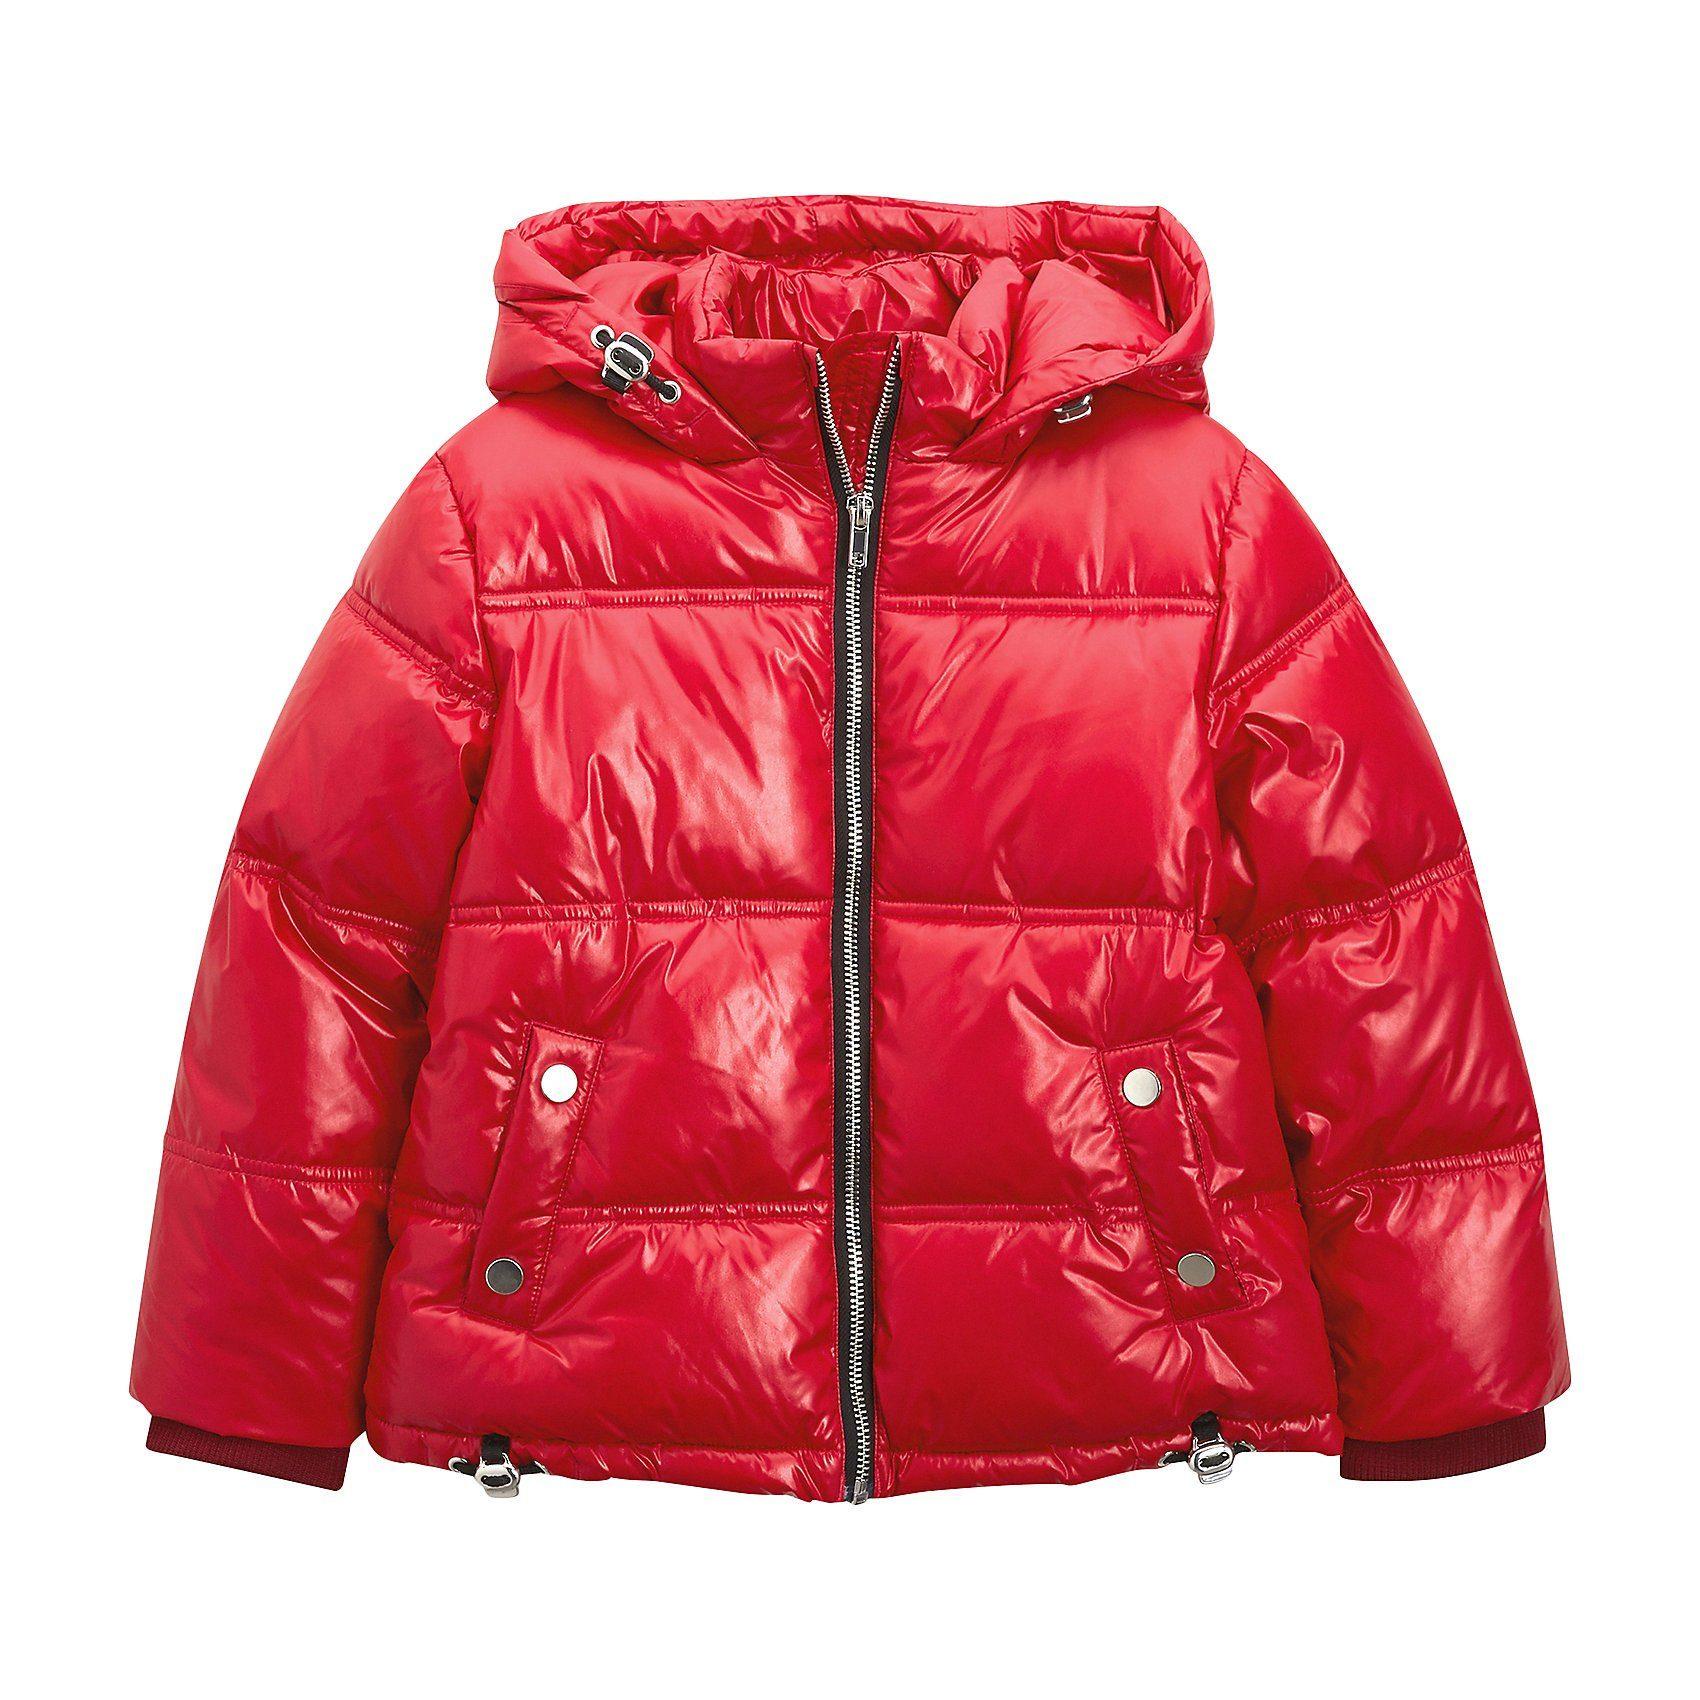 Next Winterjacke für Mädchen, kuschelig gefütterte Kapuze online kaufen | OTTO